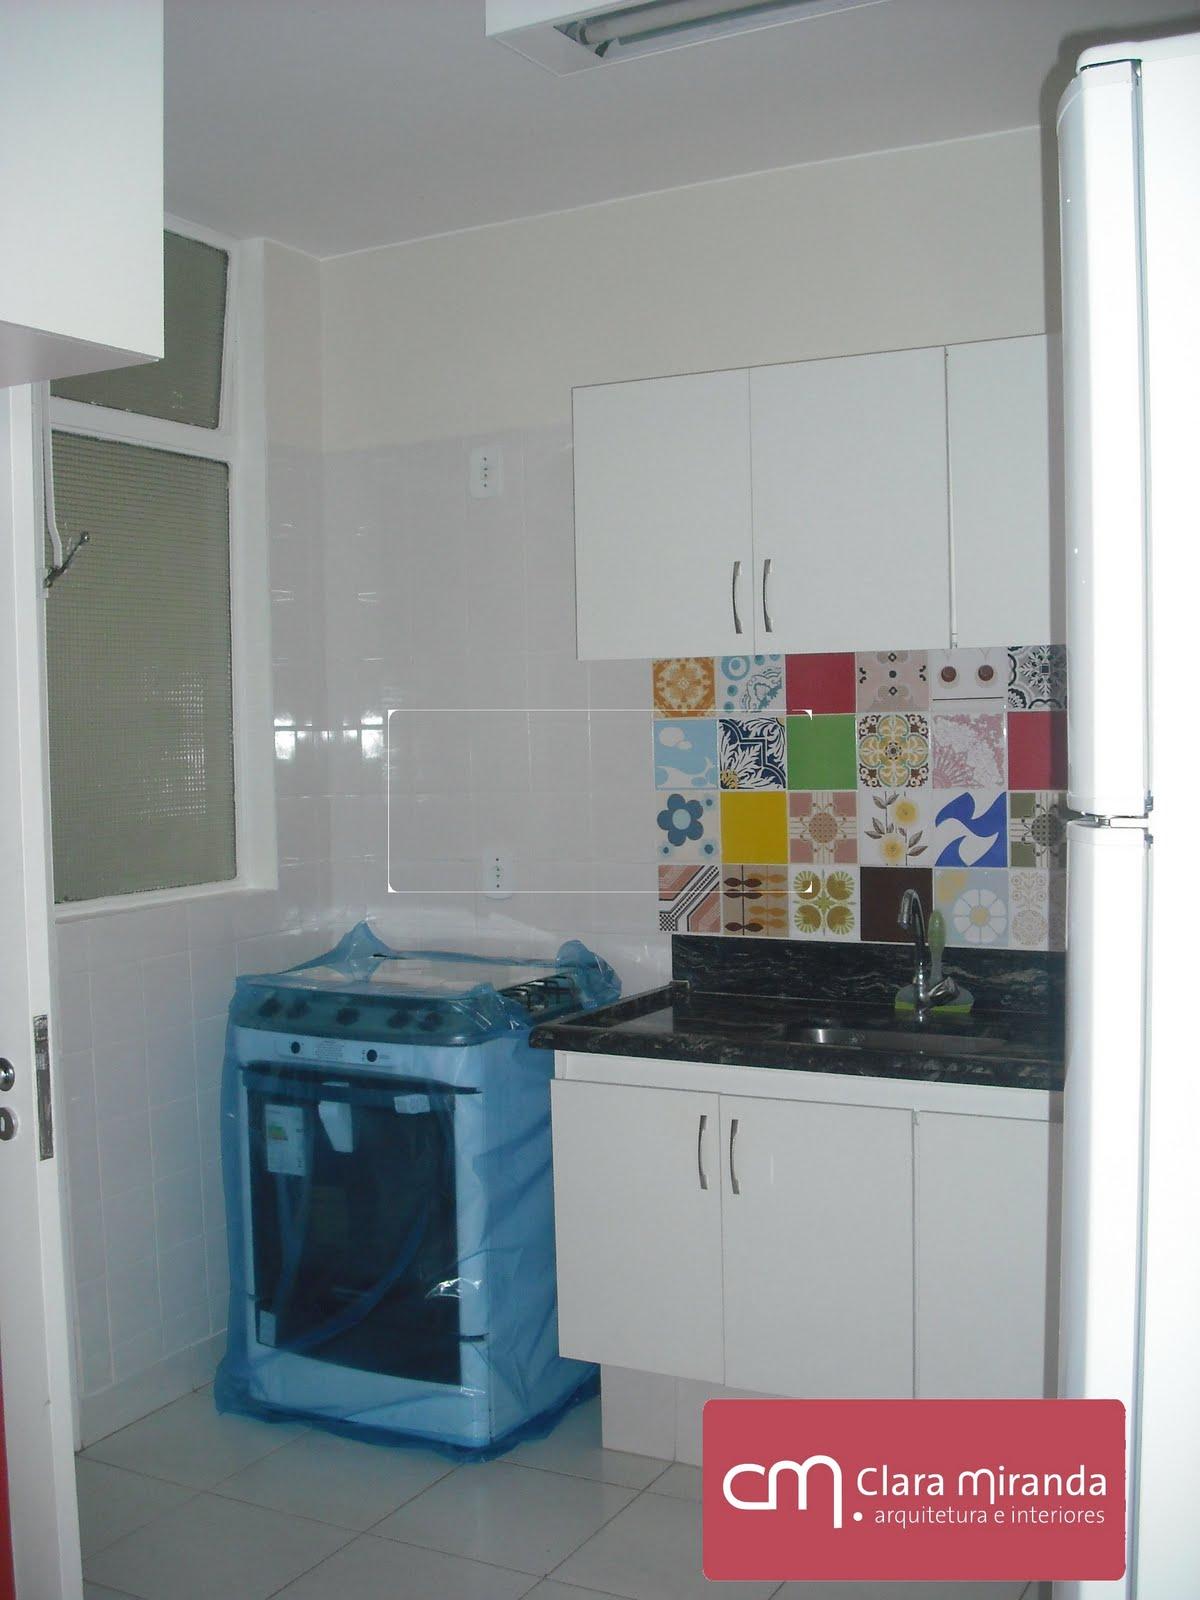 #234B64 ARQ. CLARA MIRANDA: Cozinha e corredor 1200x1600 px Projetos Cozinha Corredor #17 imagens